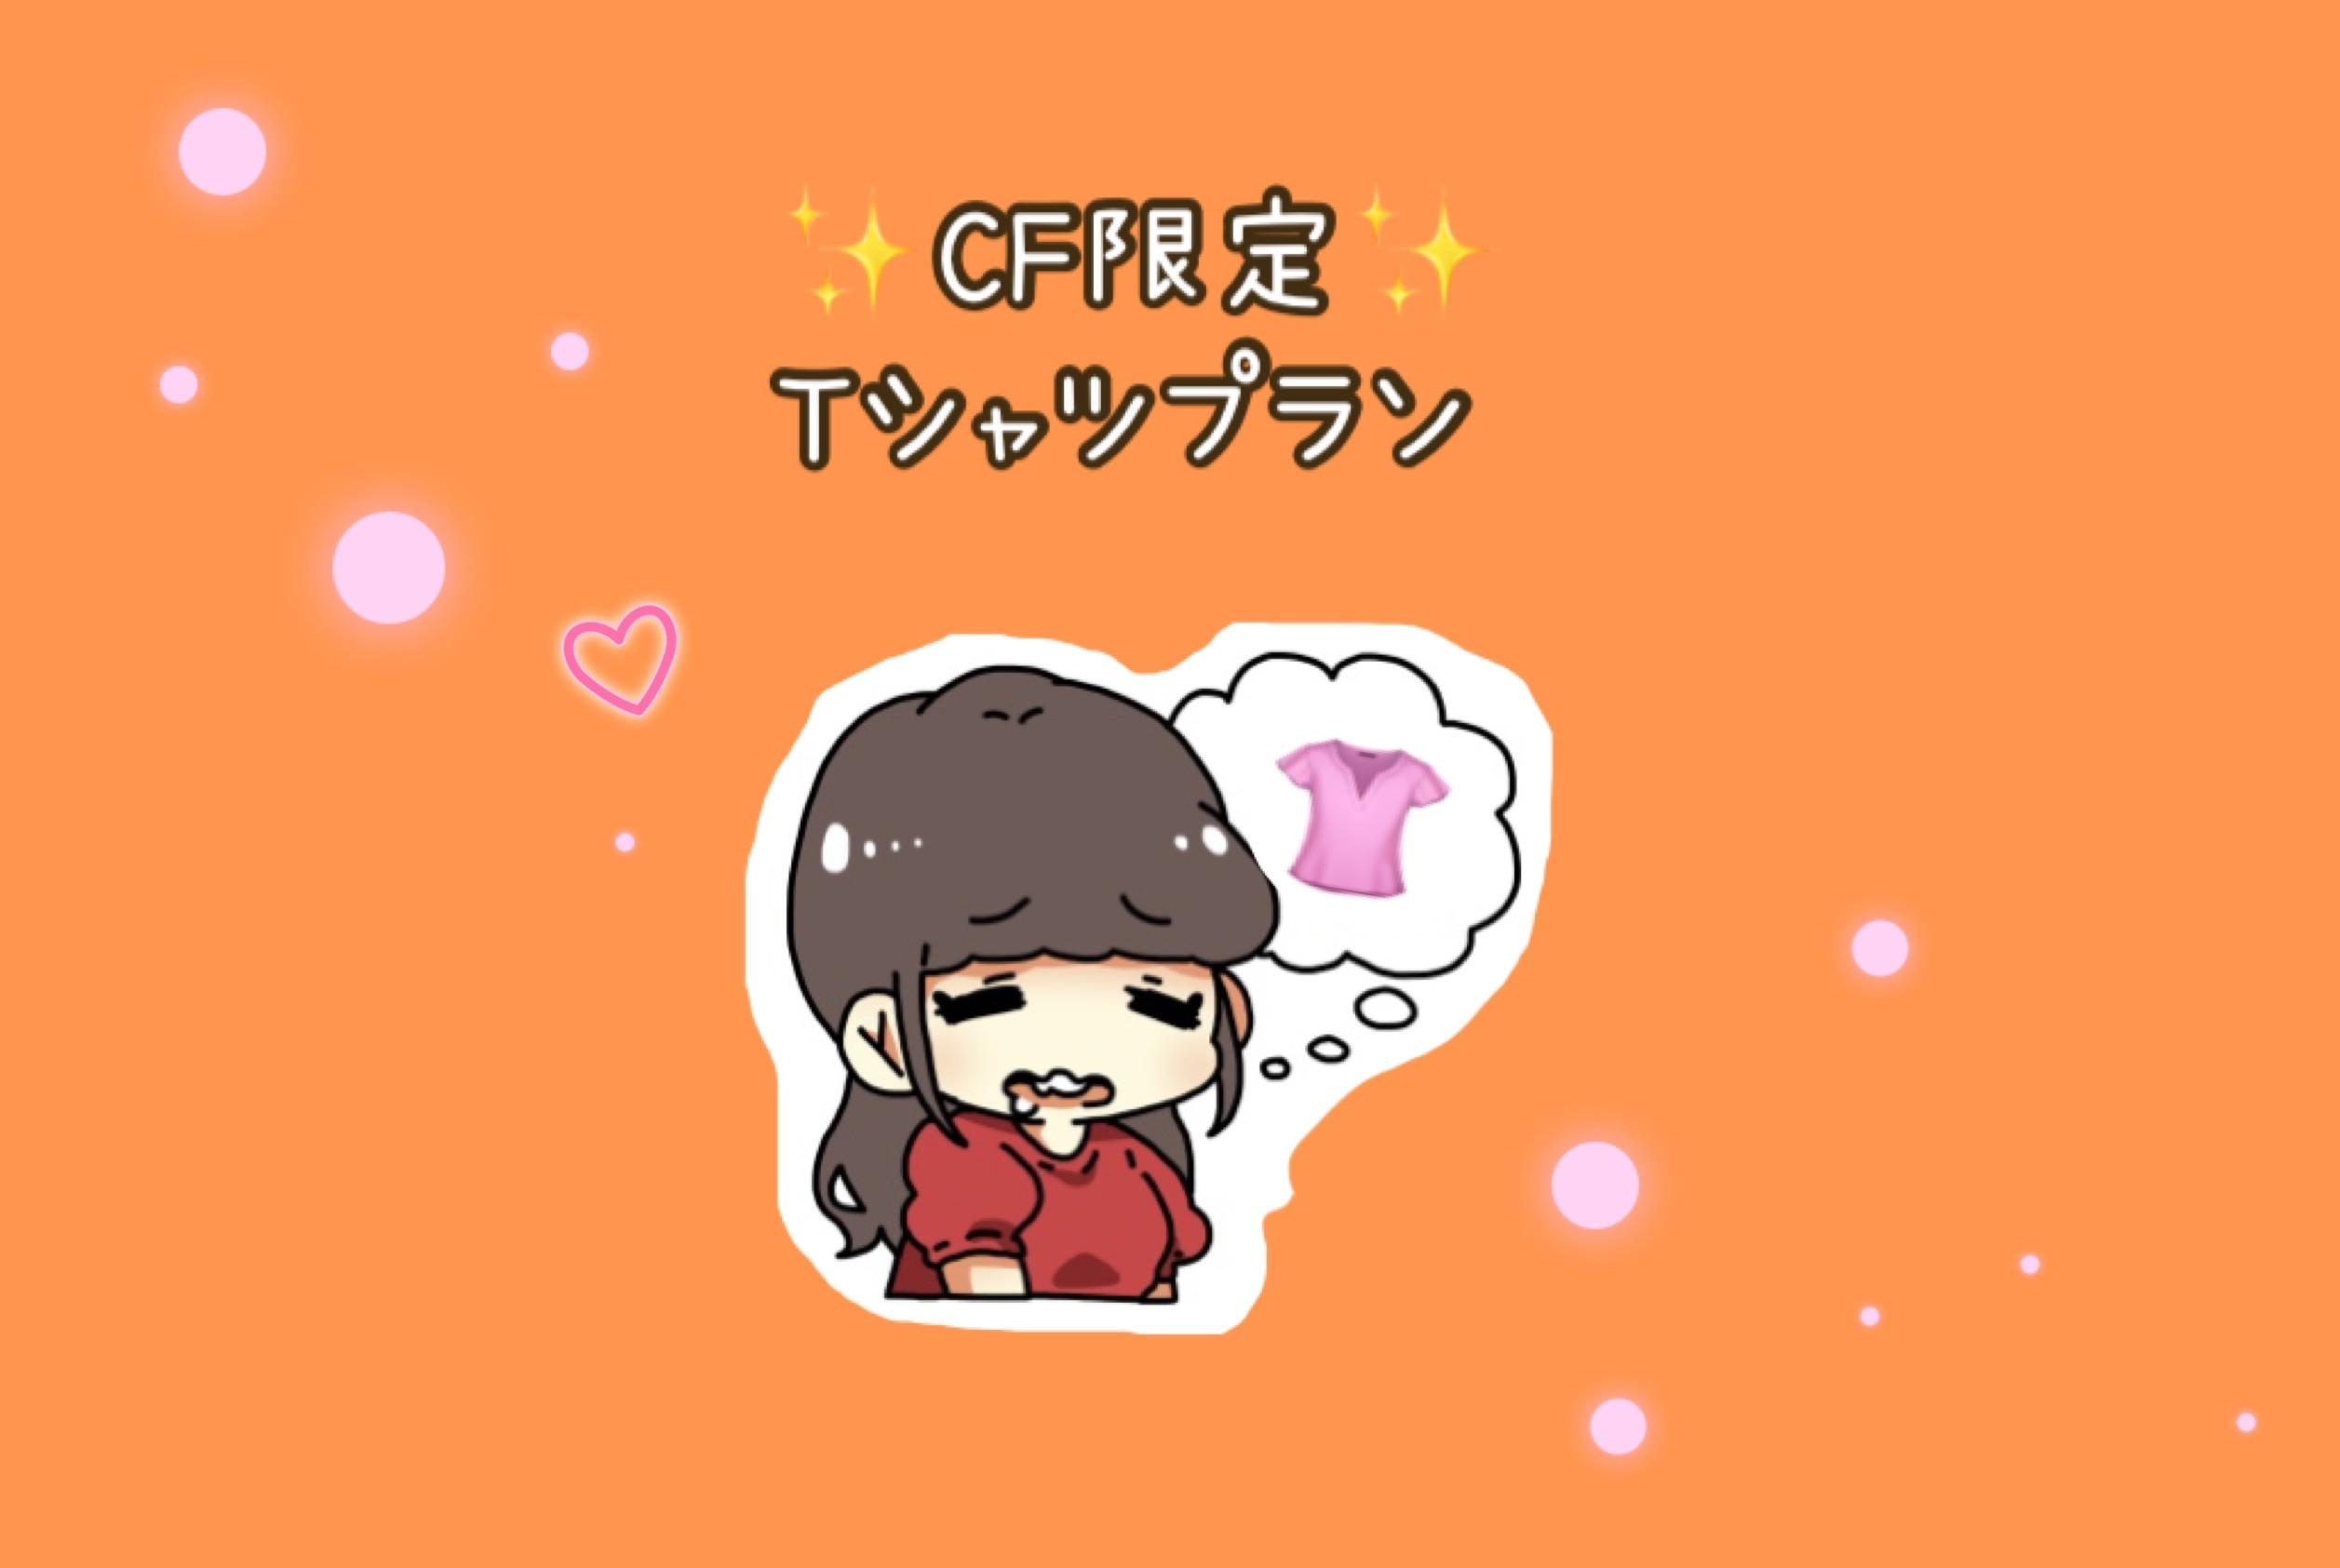 <橋村姫 CF限定Tシャツプラン>